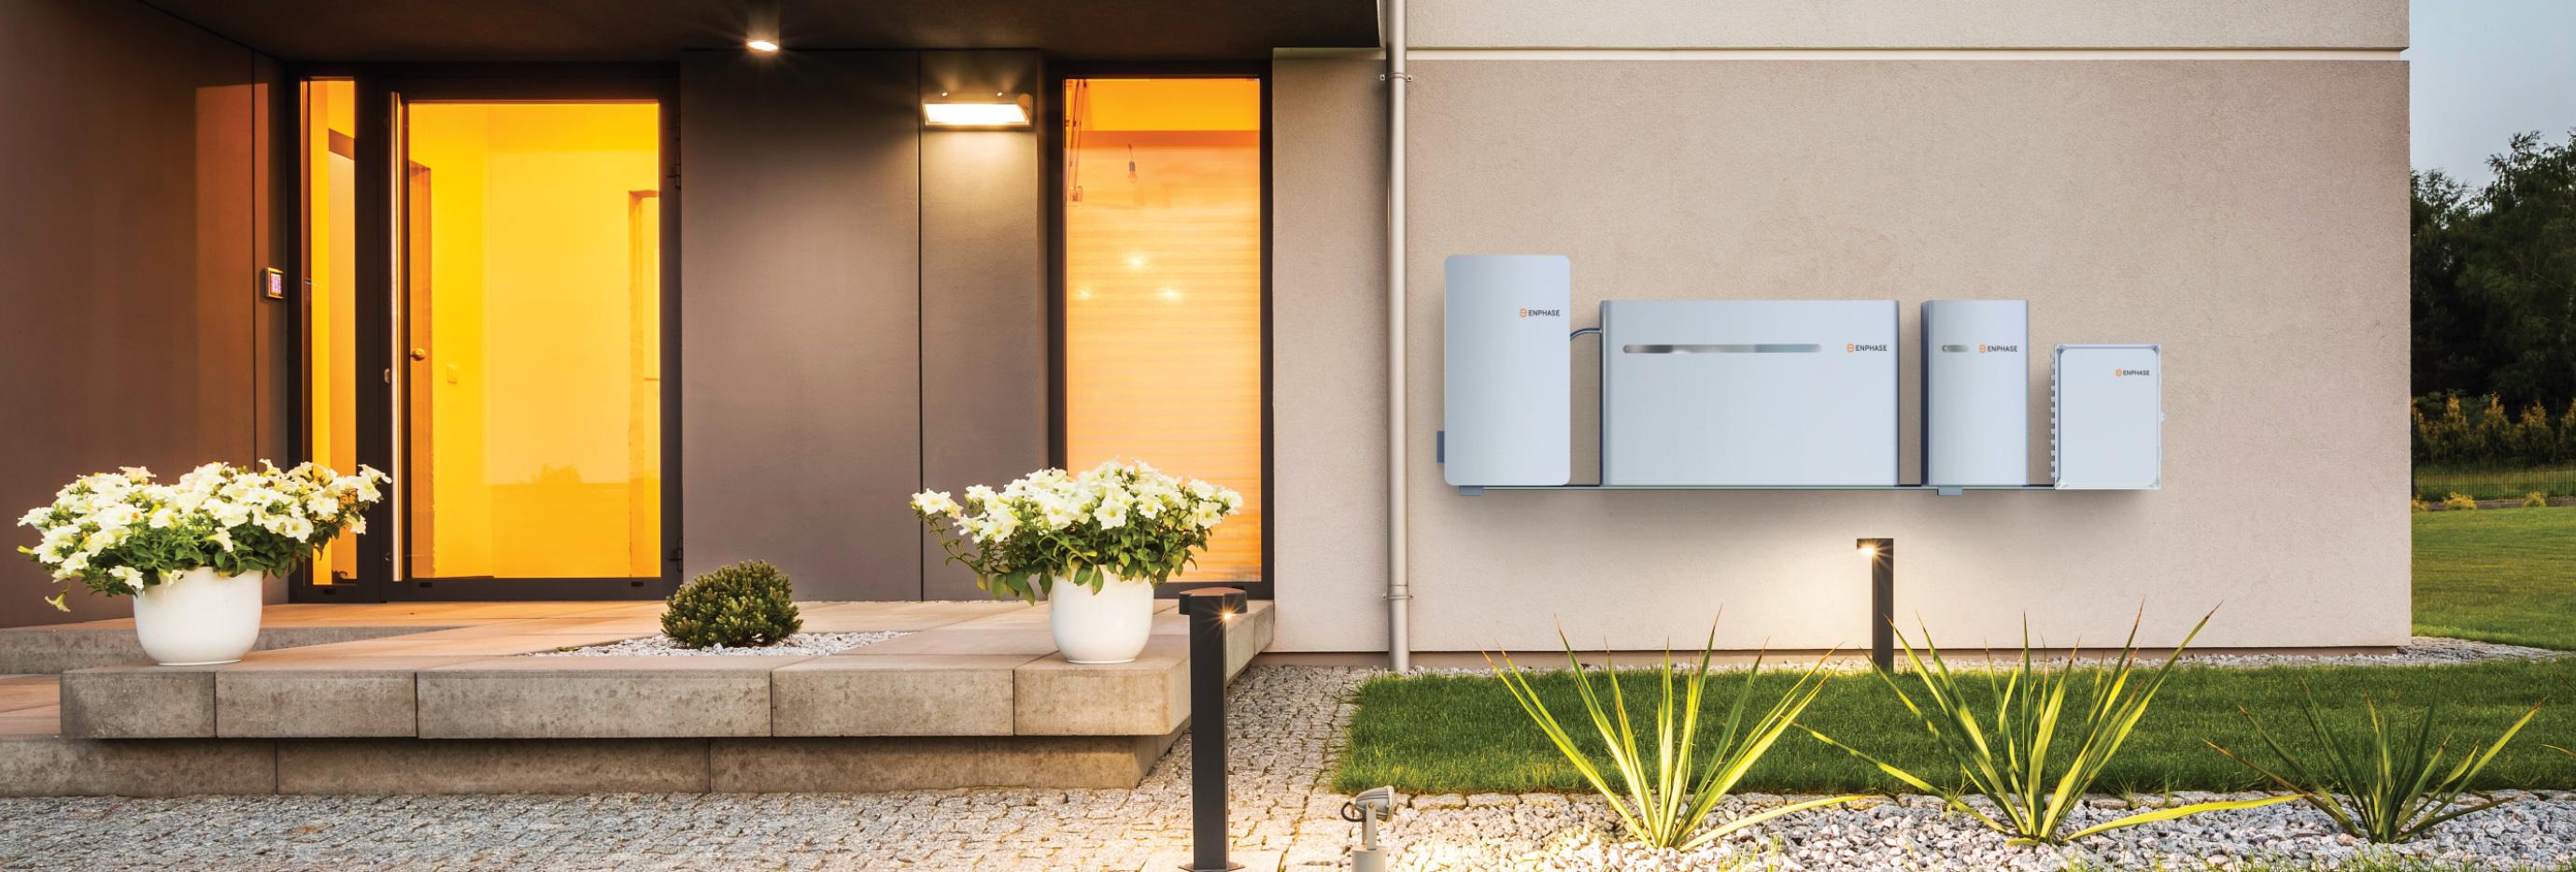 Solar Heater For Homes